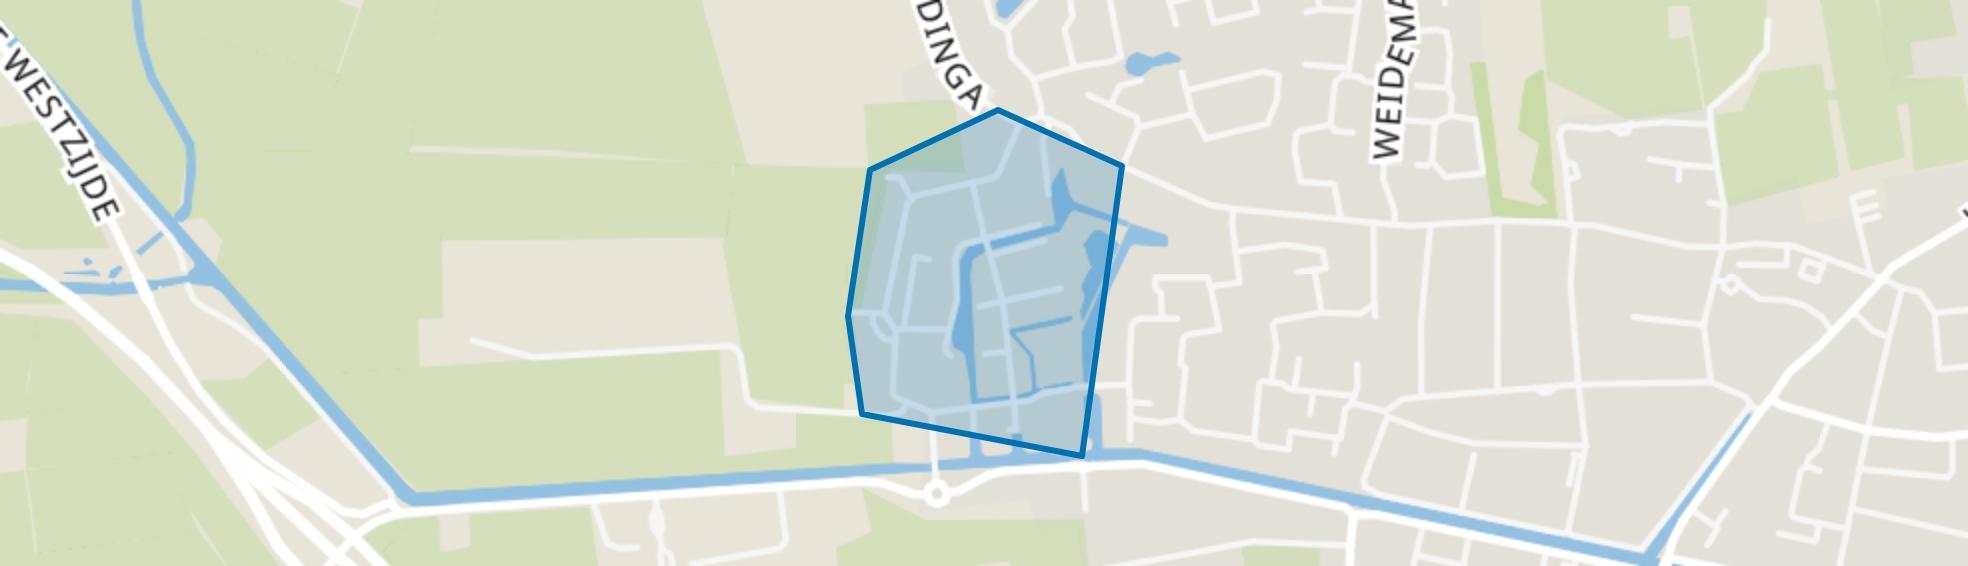 Oosterwolde-Biezenkamp, Oosterwolde (FR) map